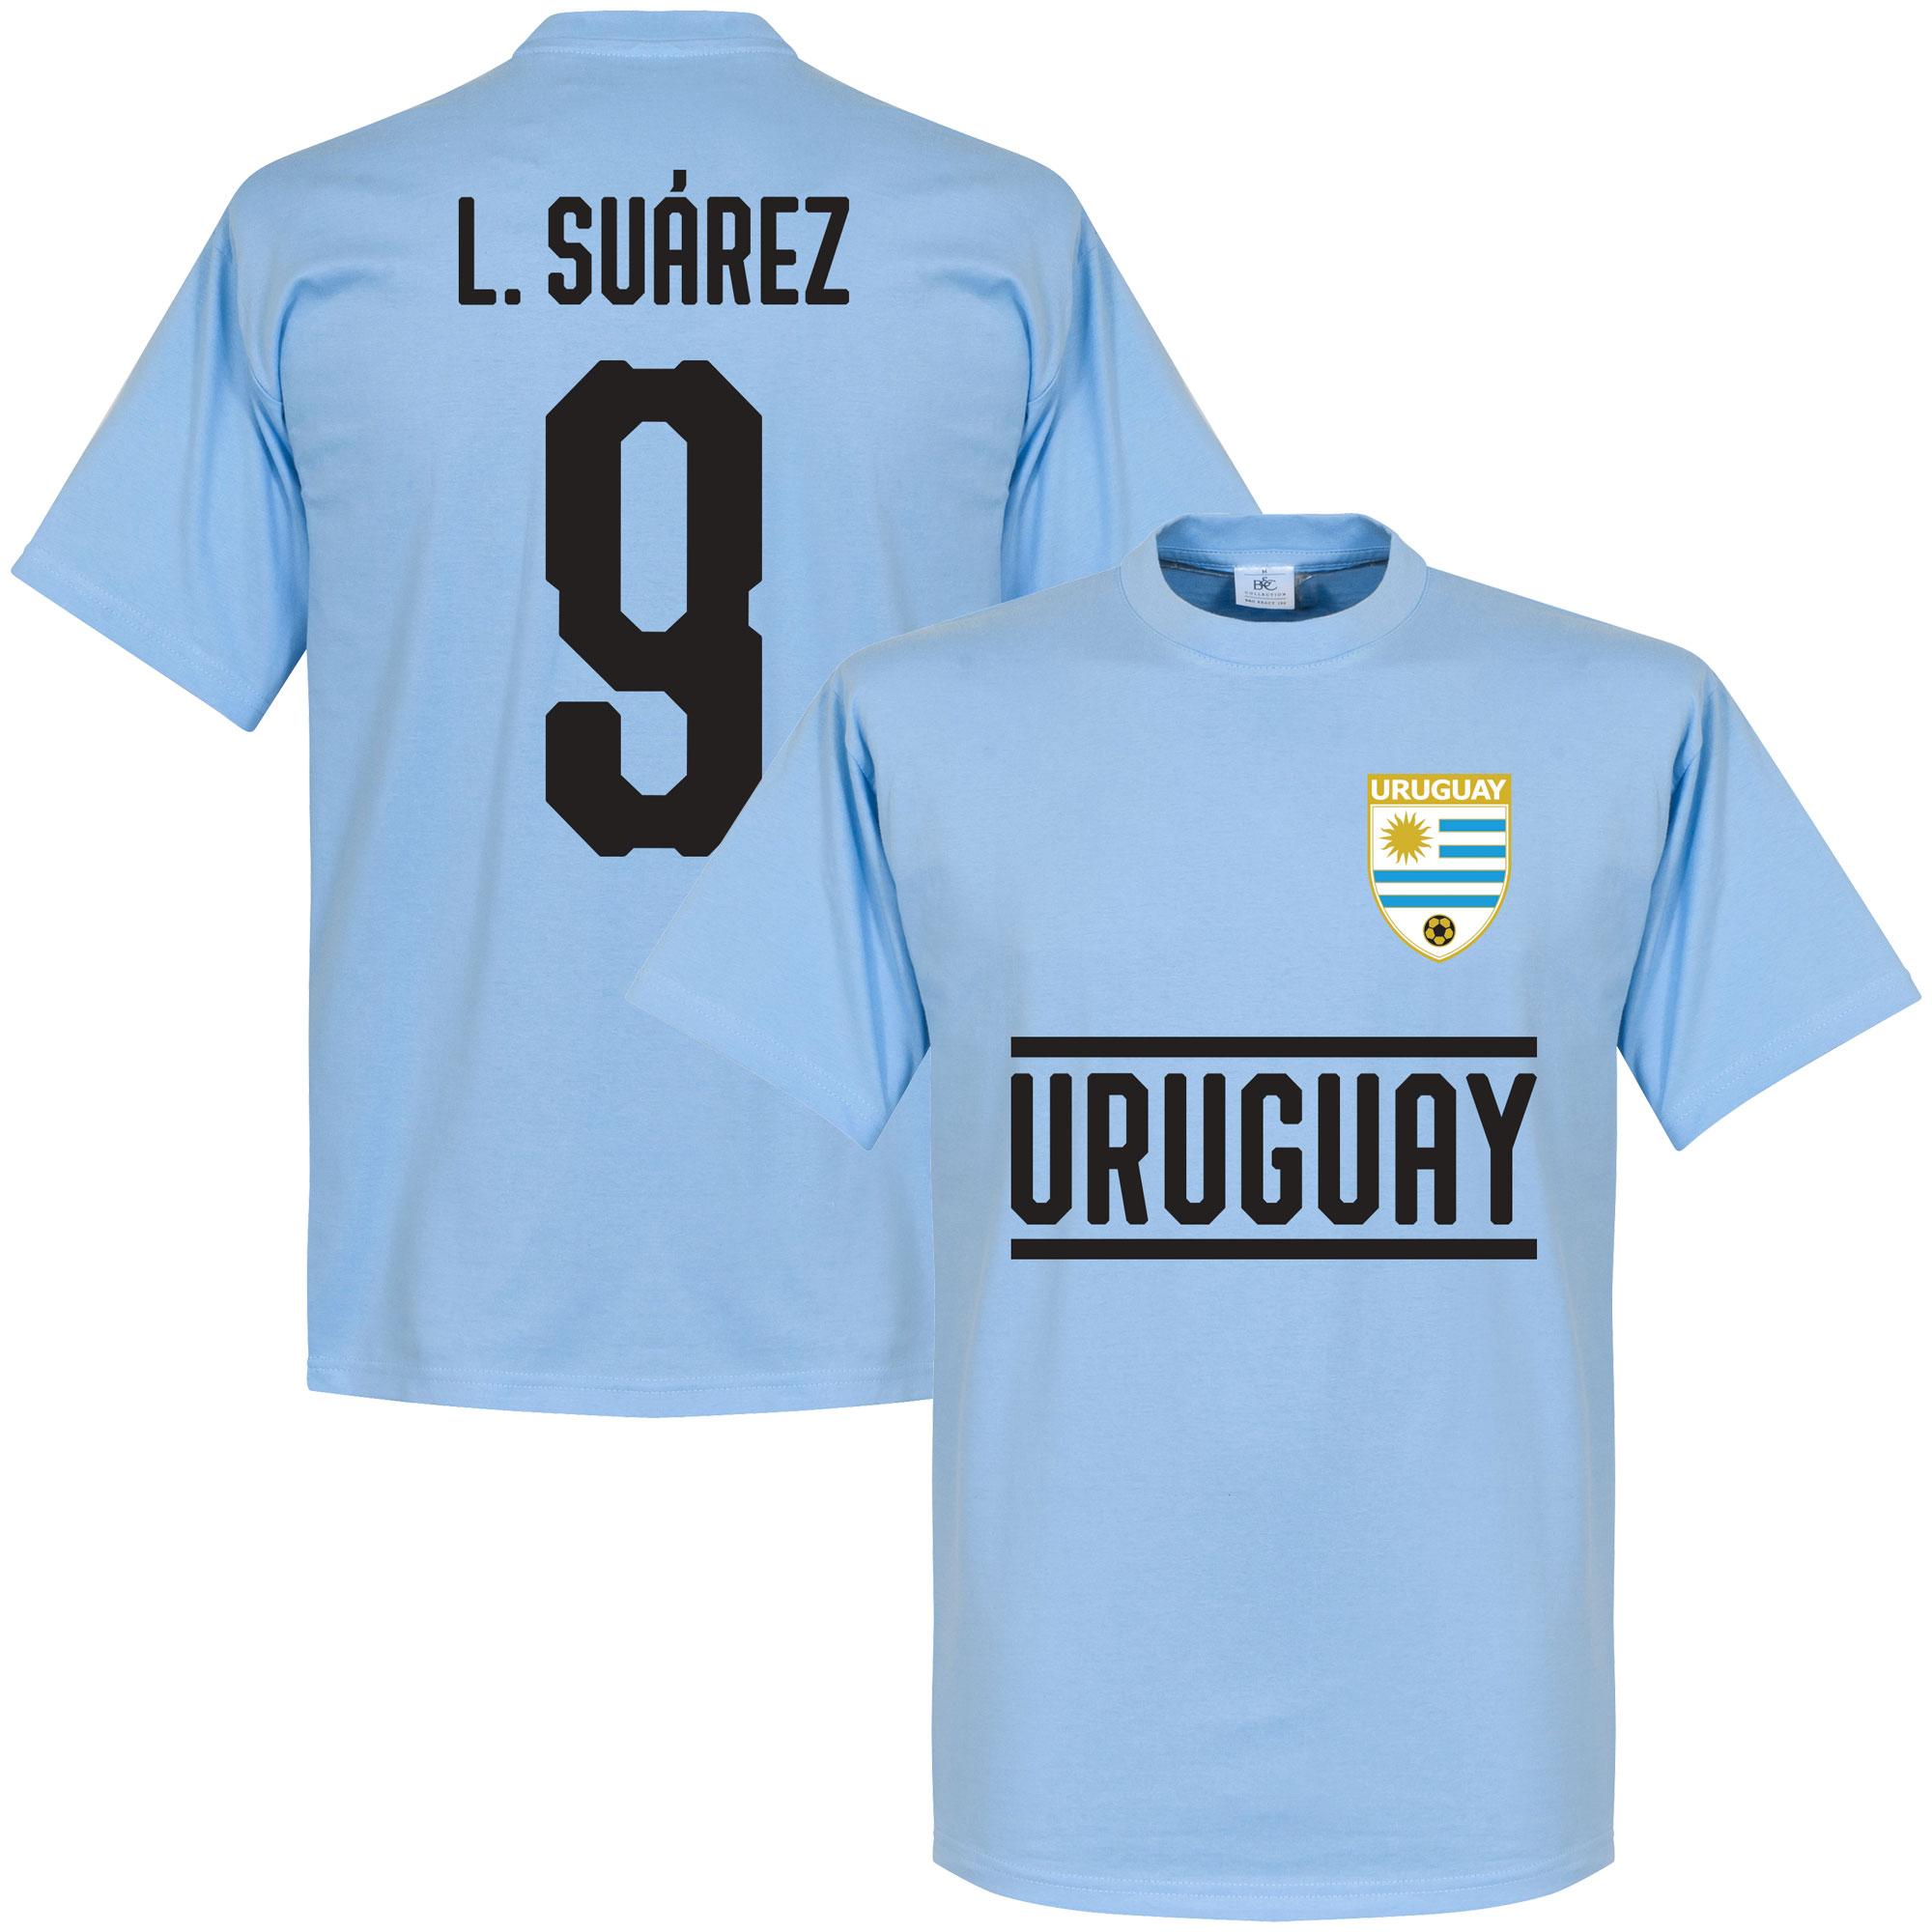 Uruguay Suarez Team T-Shirt